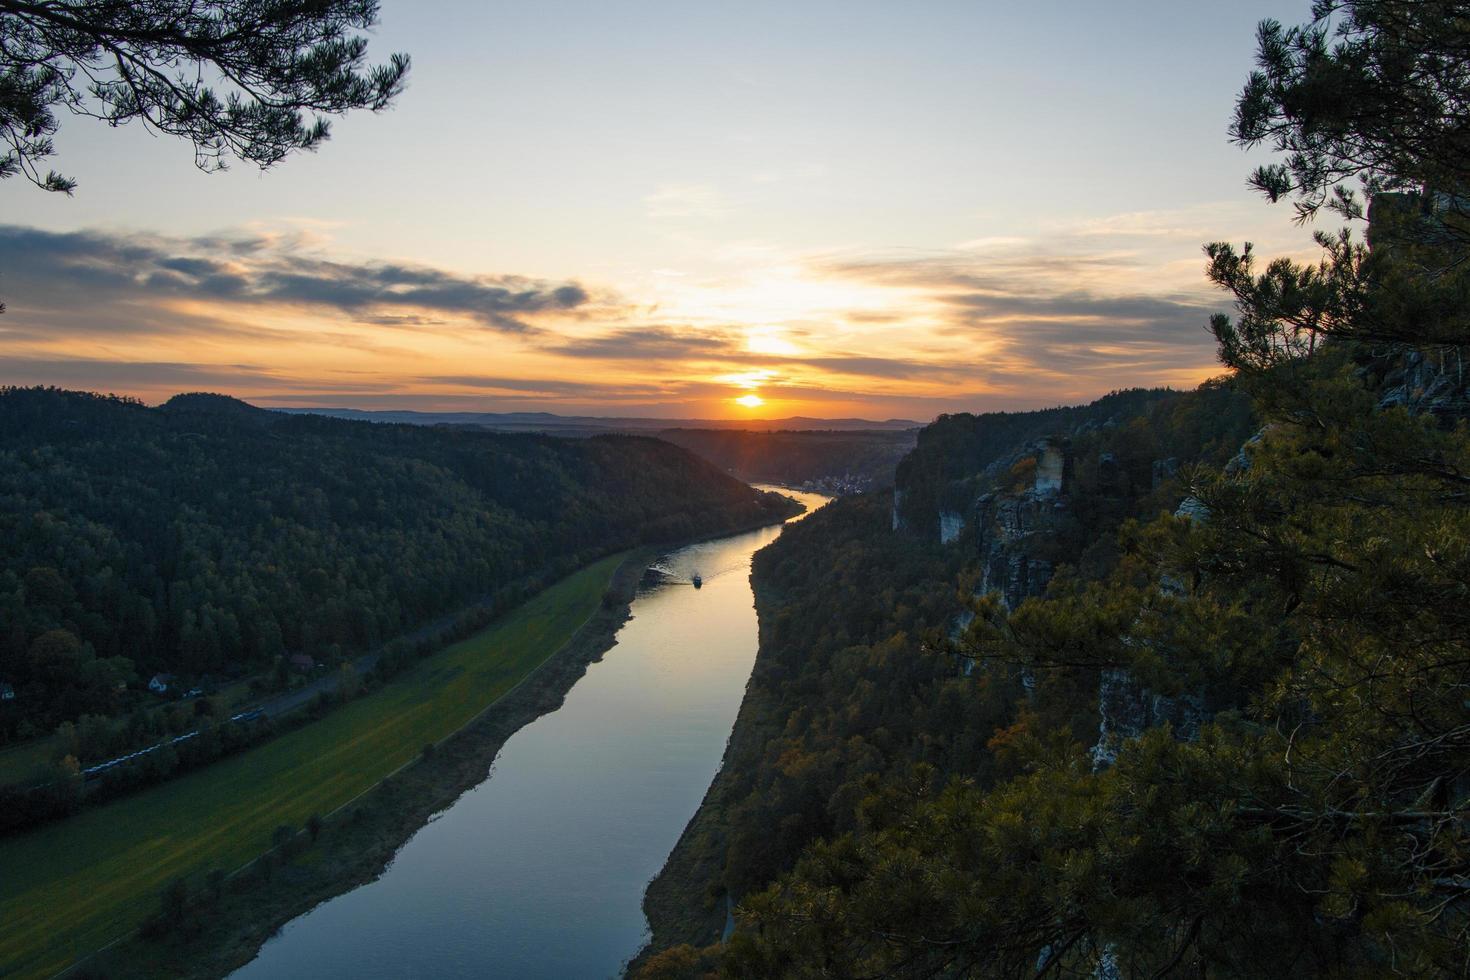 vogelvlucht van rivier tijdens zonsopgang foto